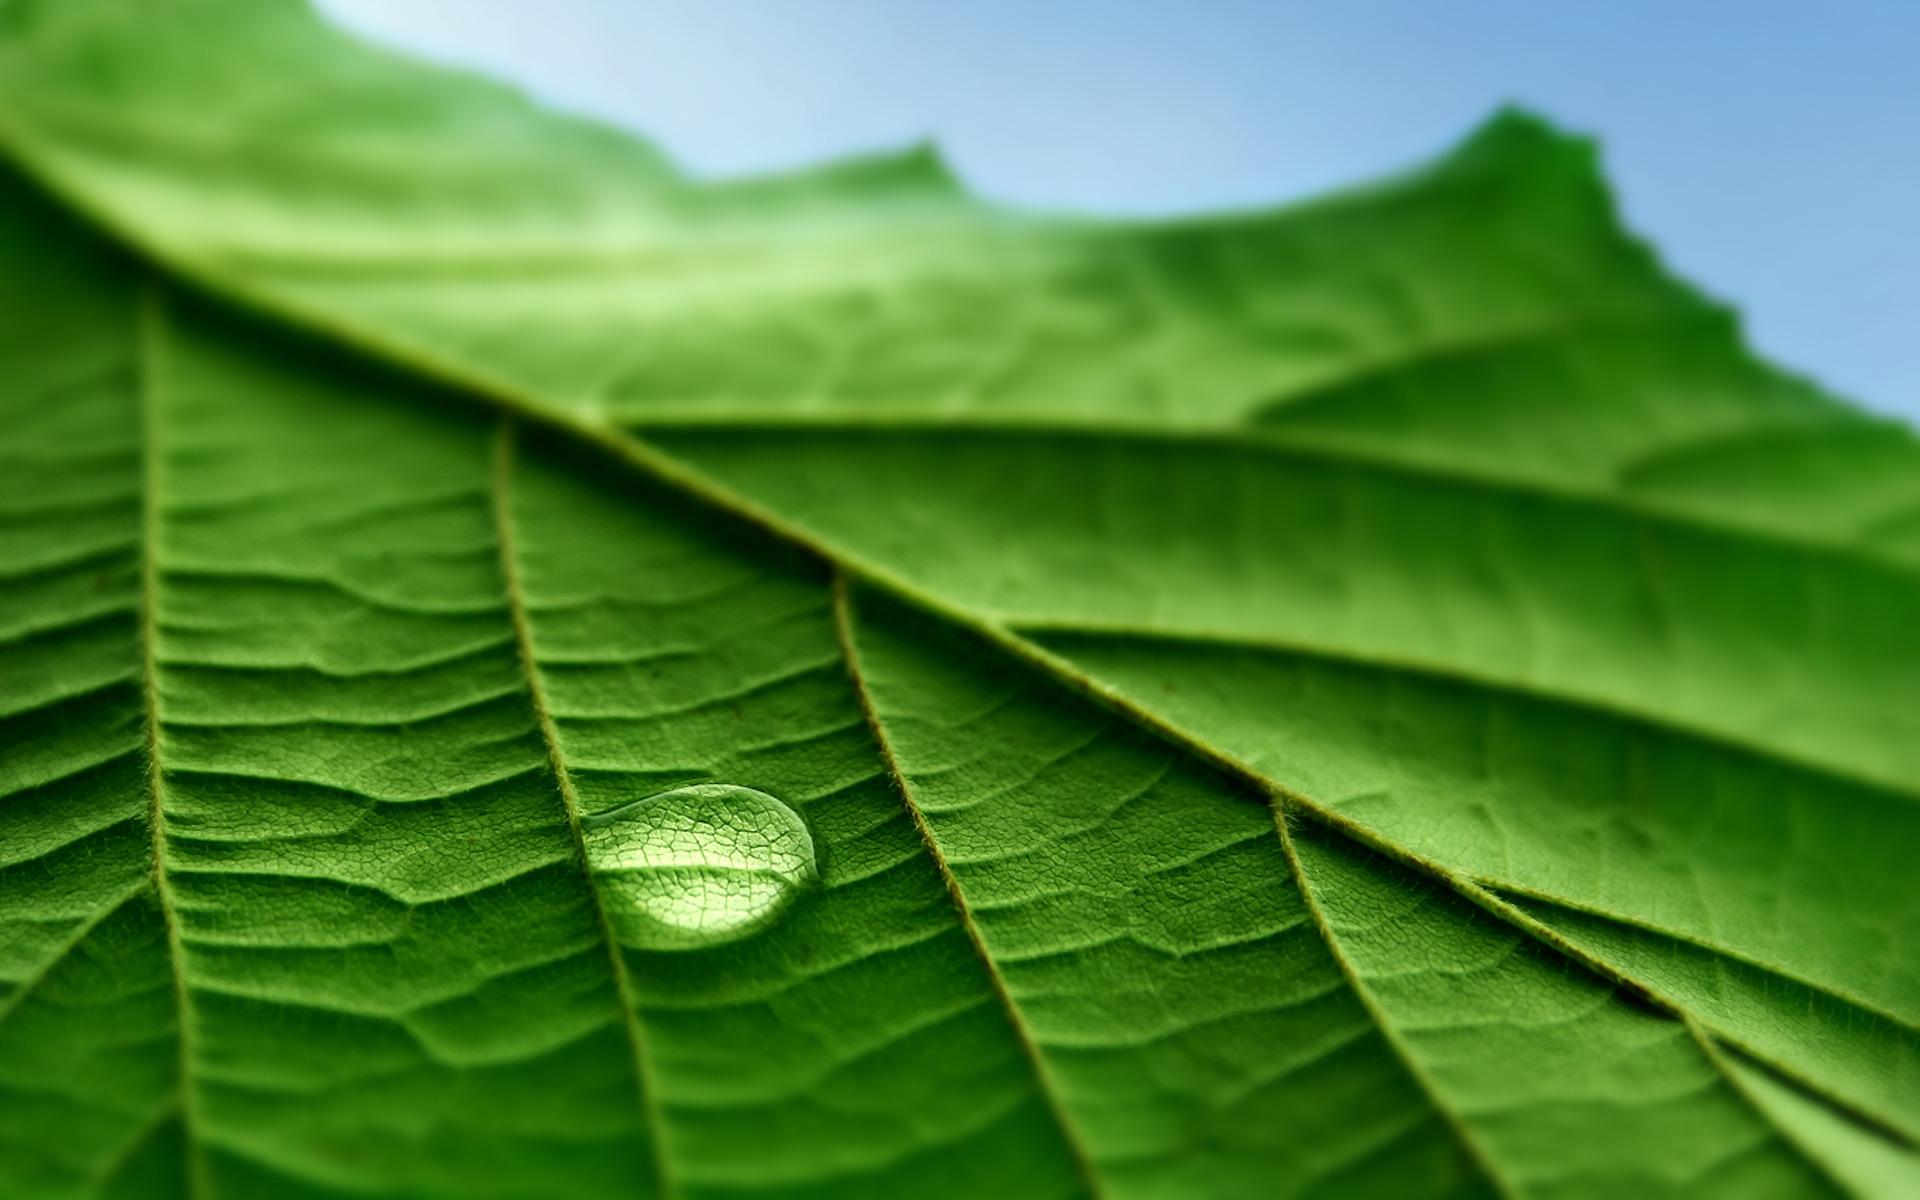 вижу макро фото листьев молодого побега первые